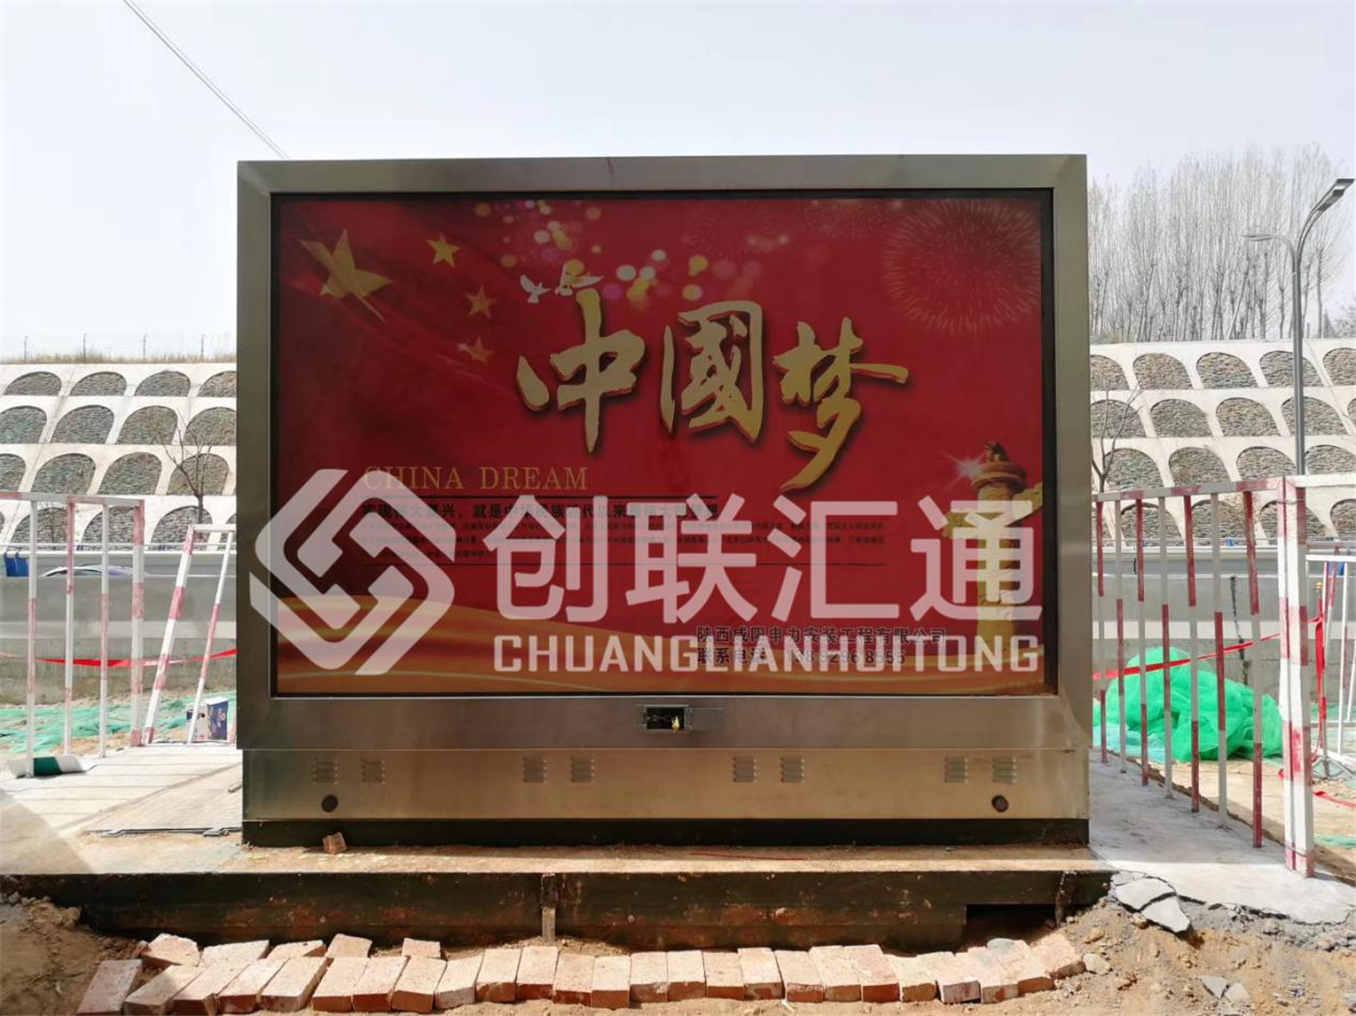 陕西咸阳机场高速创联汇通景观地埋箱变成功送电